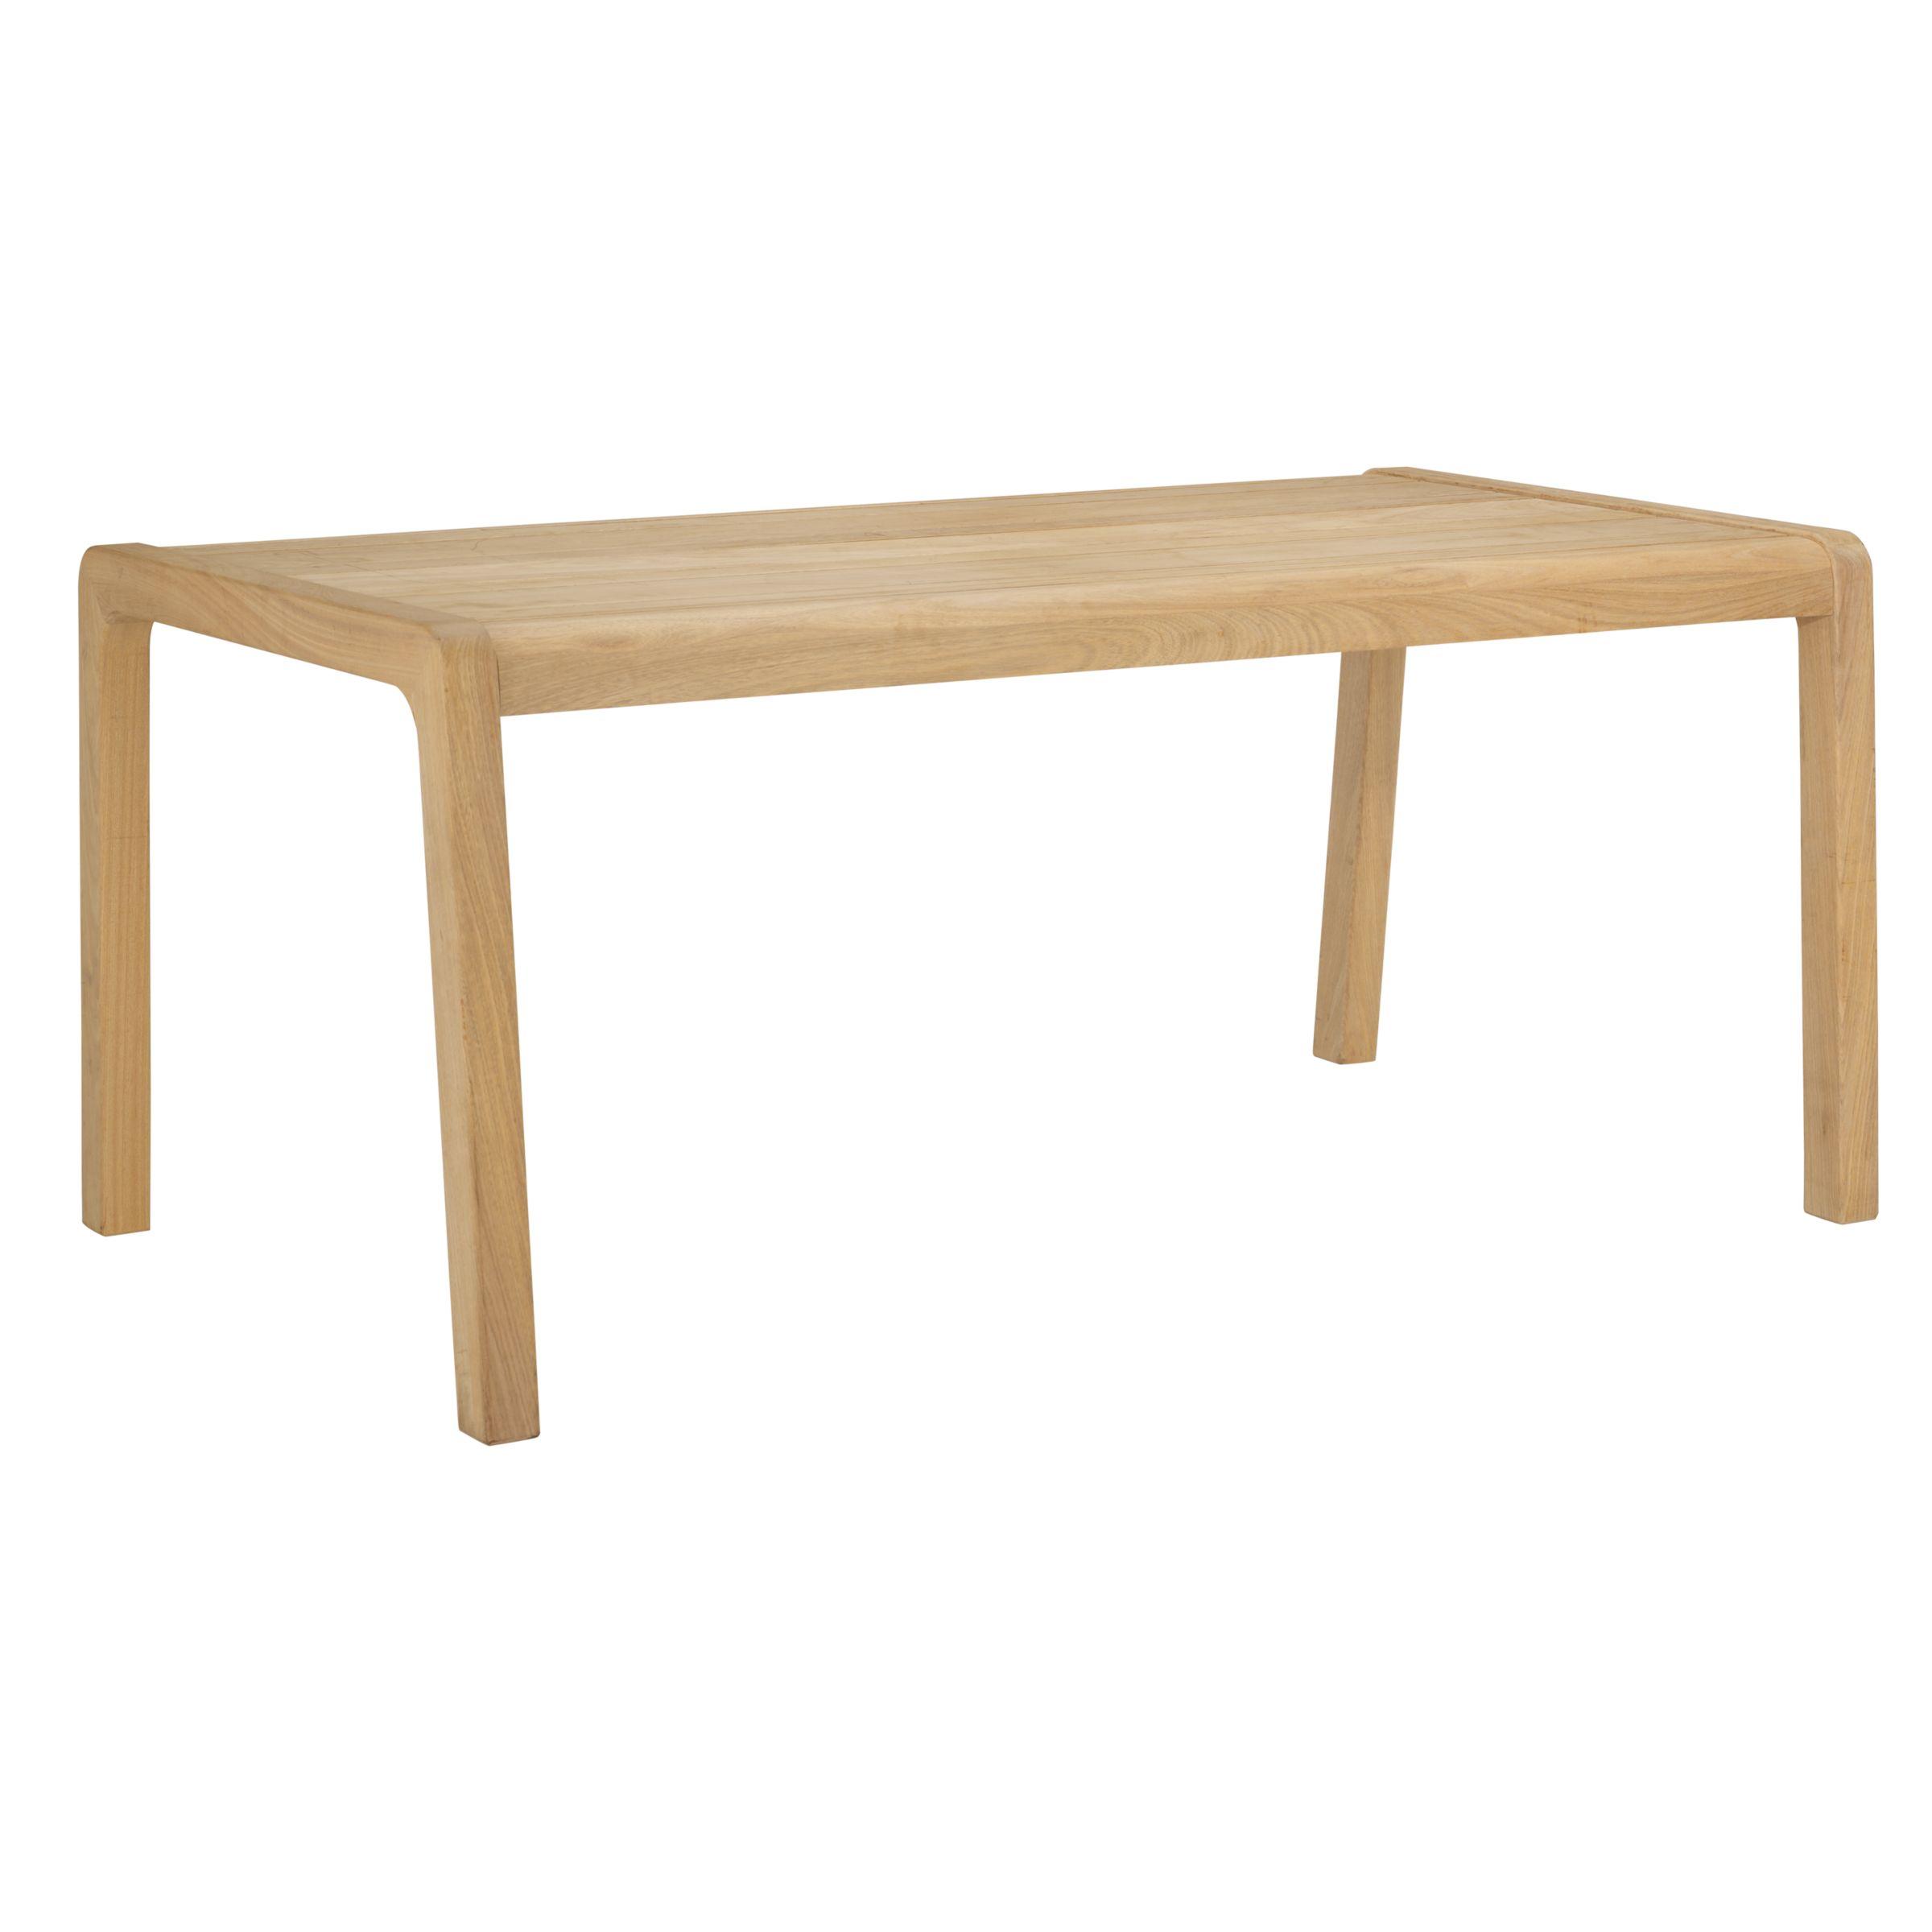 John Lewis Garda Outdoor Table